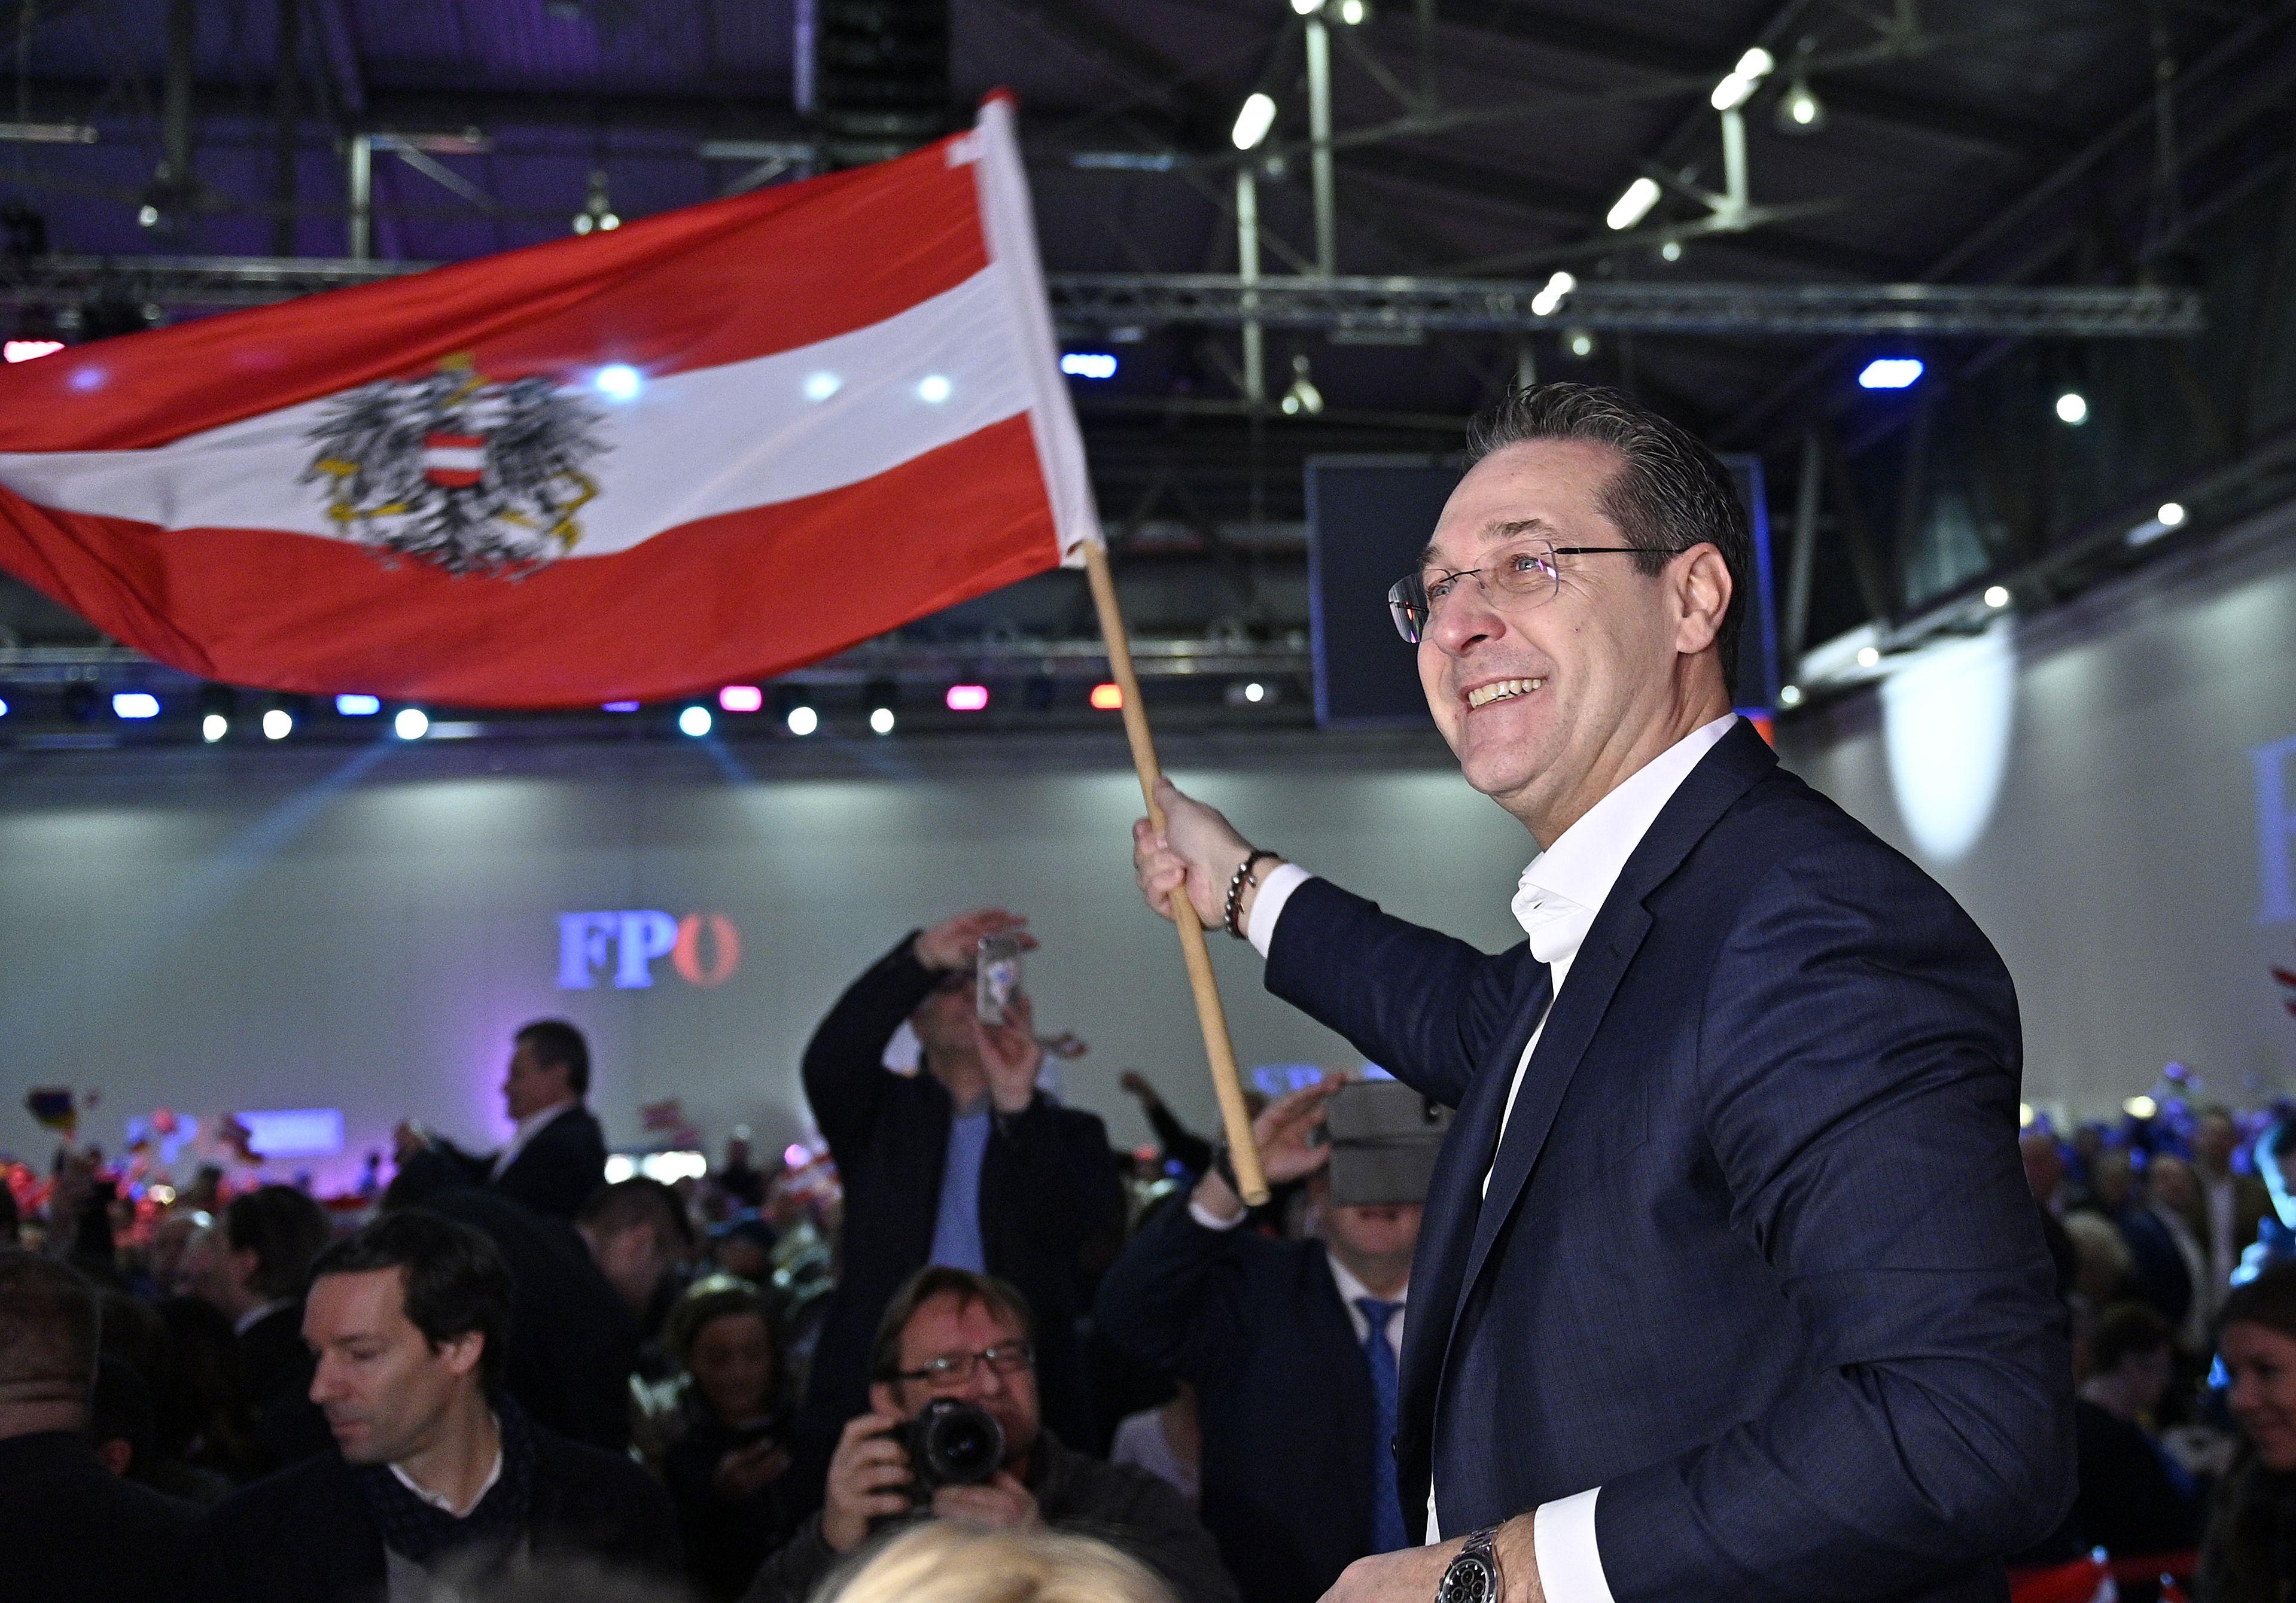 FPÖ bei Neujahrstreffen in Wien im Wahlkampfmodus